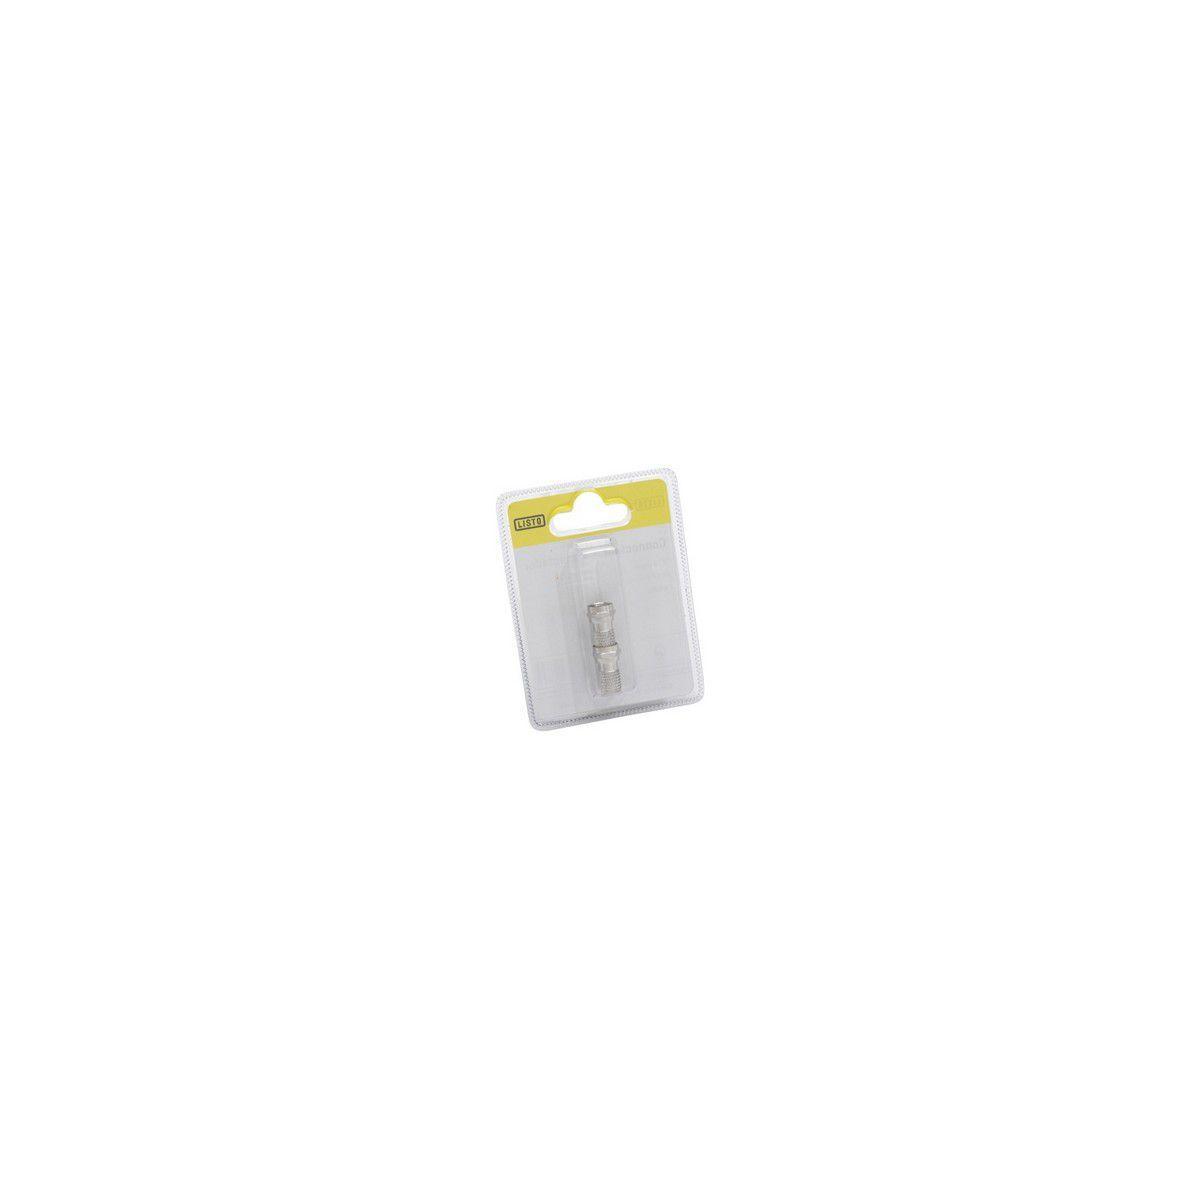 Connecteur sc f avec joint- 2mâles (photo)